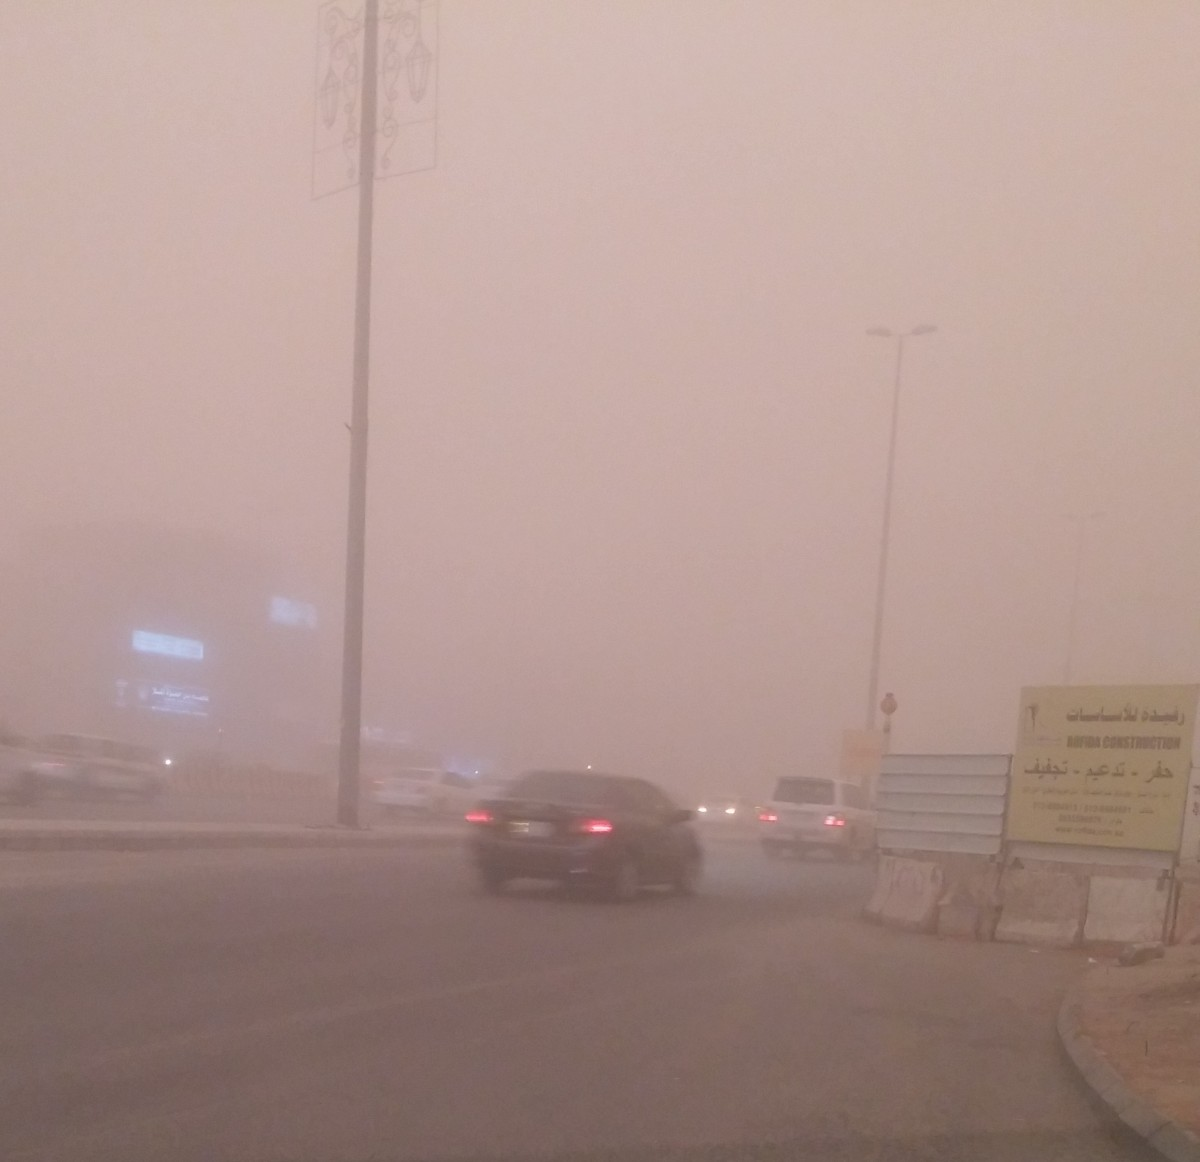 صحة #الرياض تعلن حالة الطوارئ بجميع مستشفياتها لمواجهة موجة الغبار - المواطن